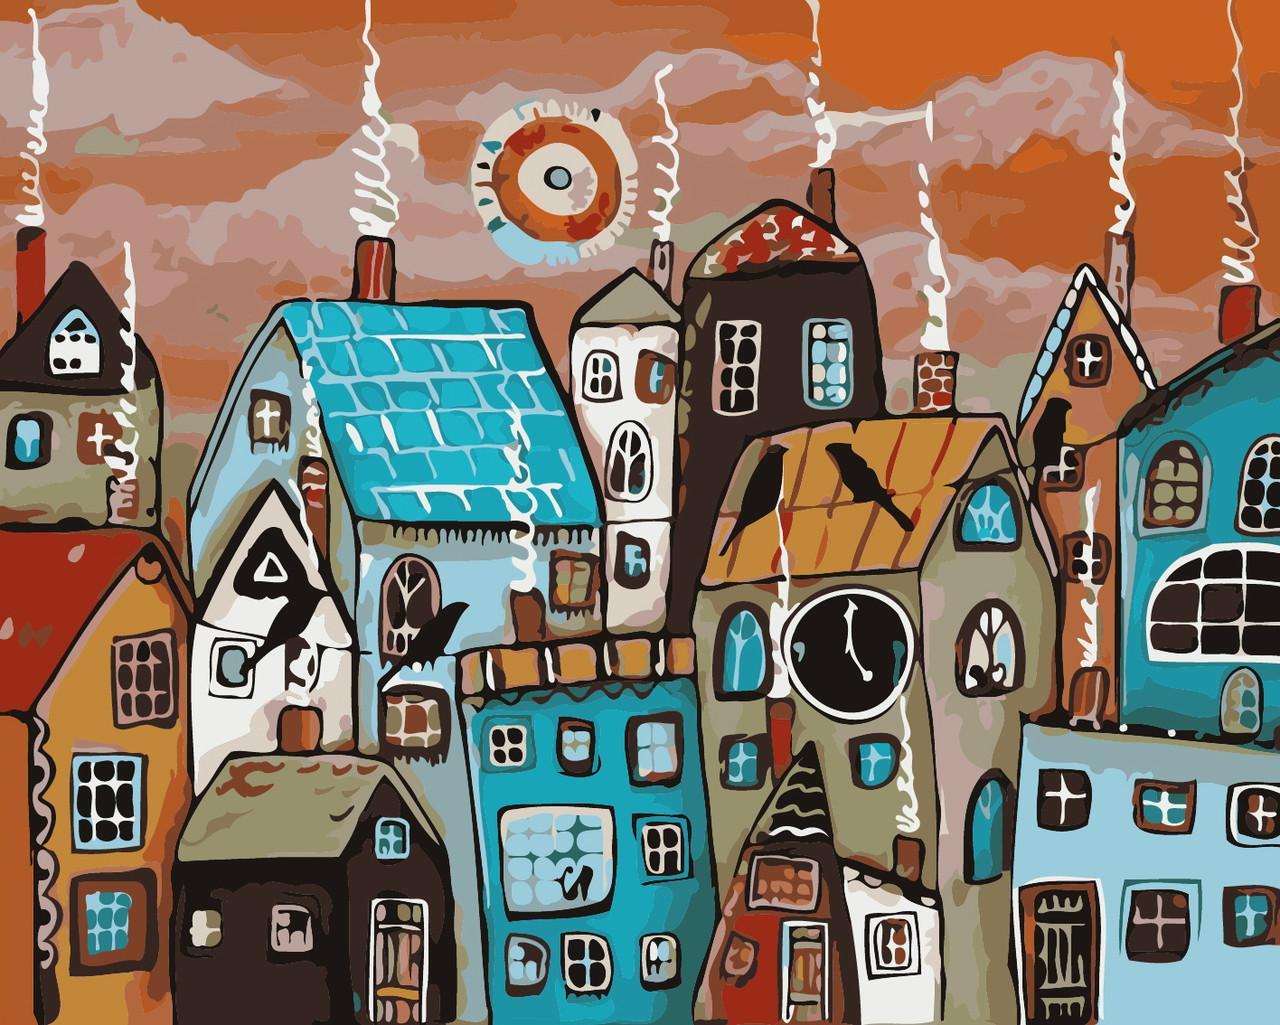 Художественный творческий набор, картина по номерам Сказочный городок, 50x40 см, «Art Story» (AS0364)